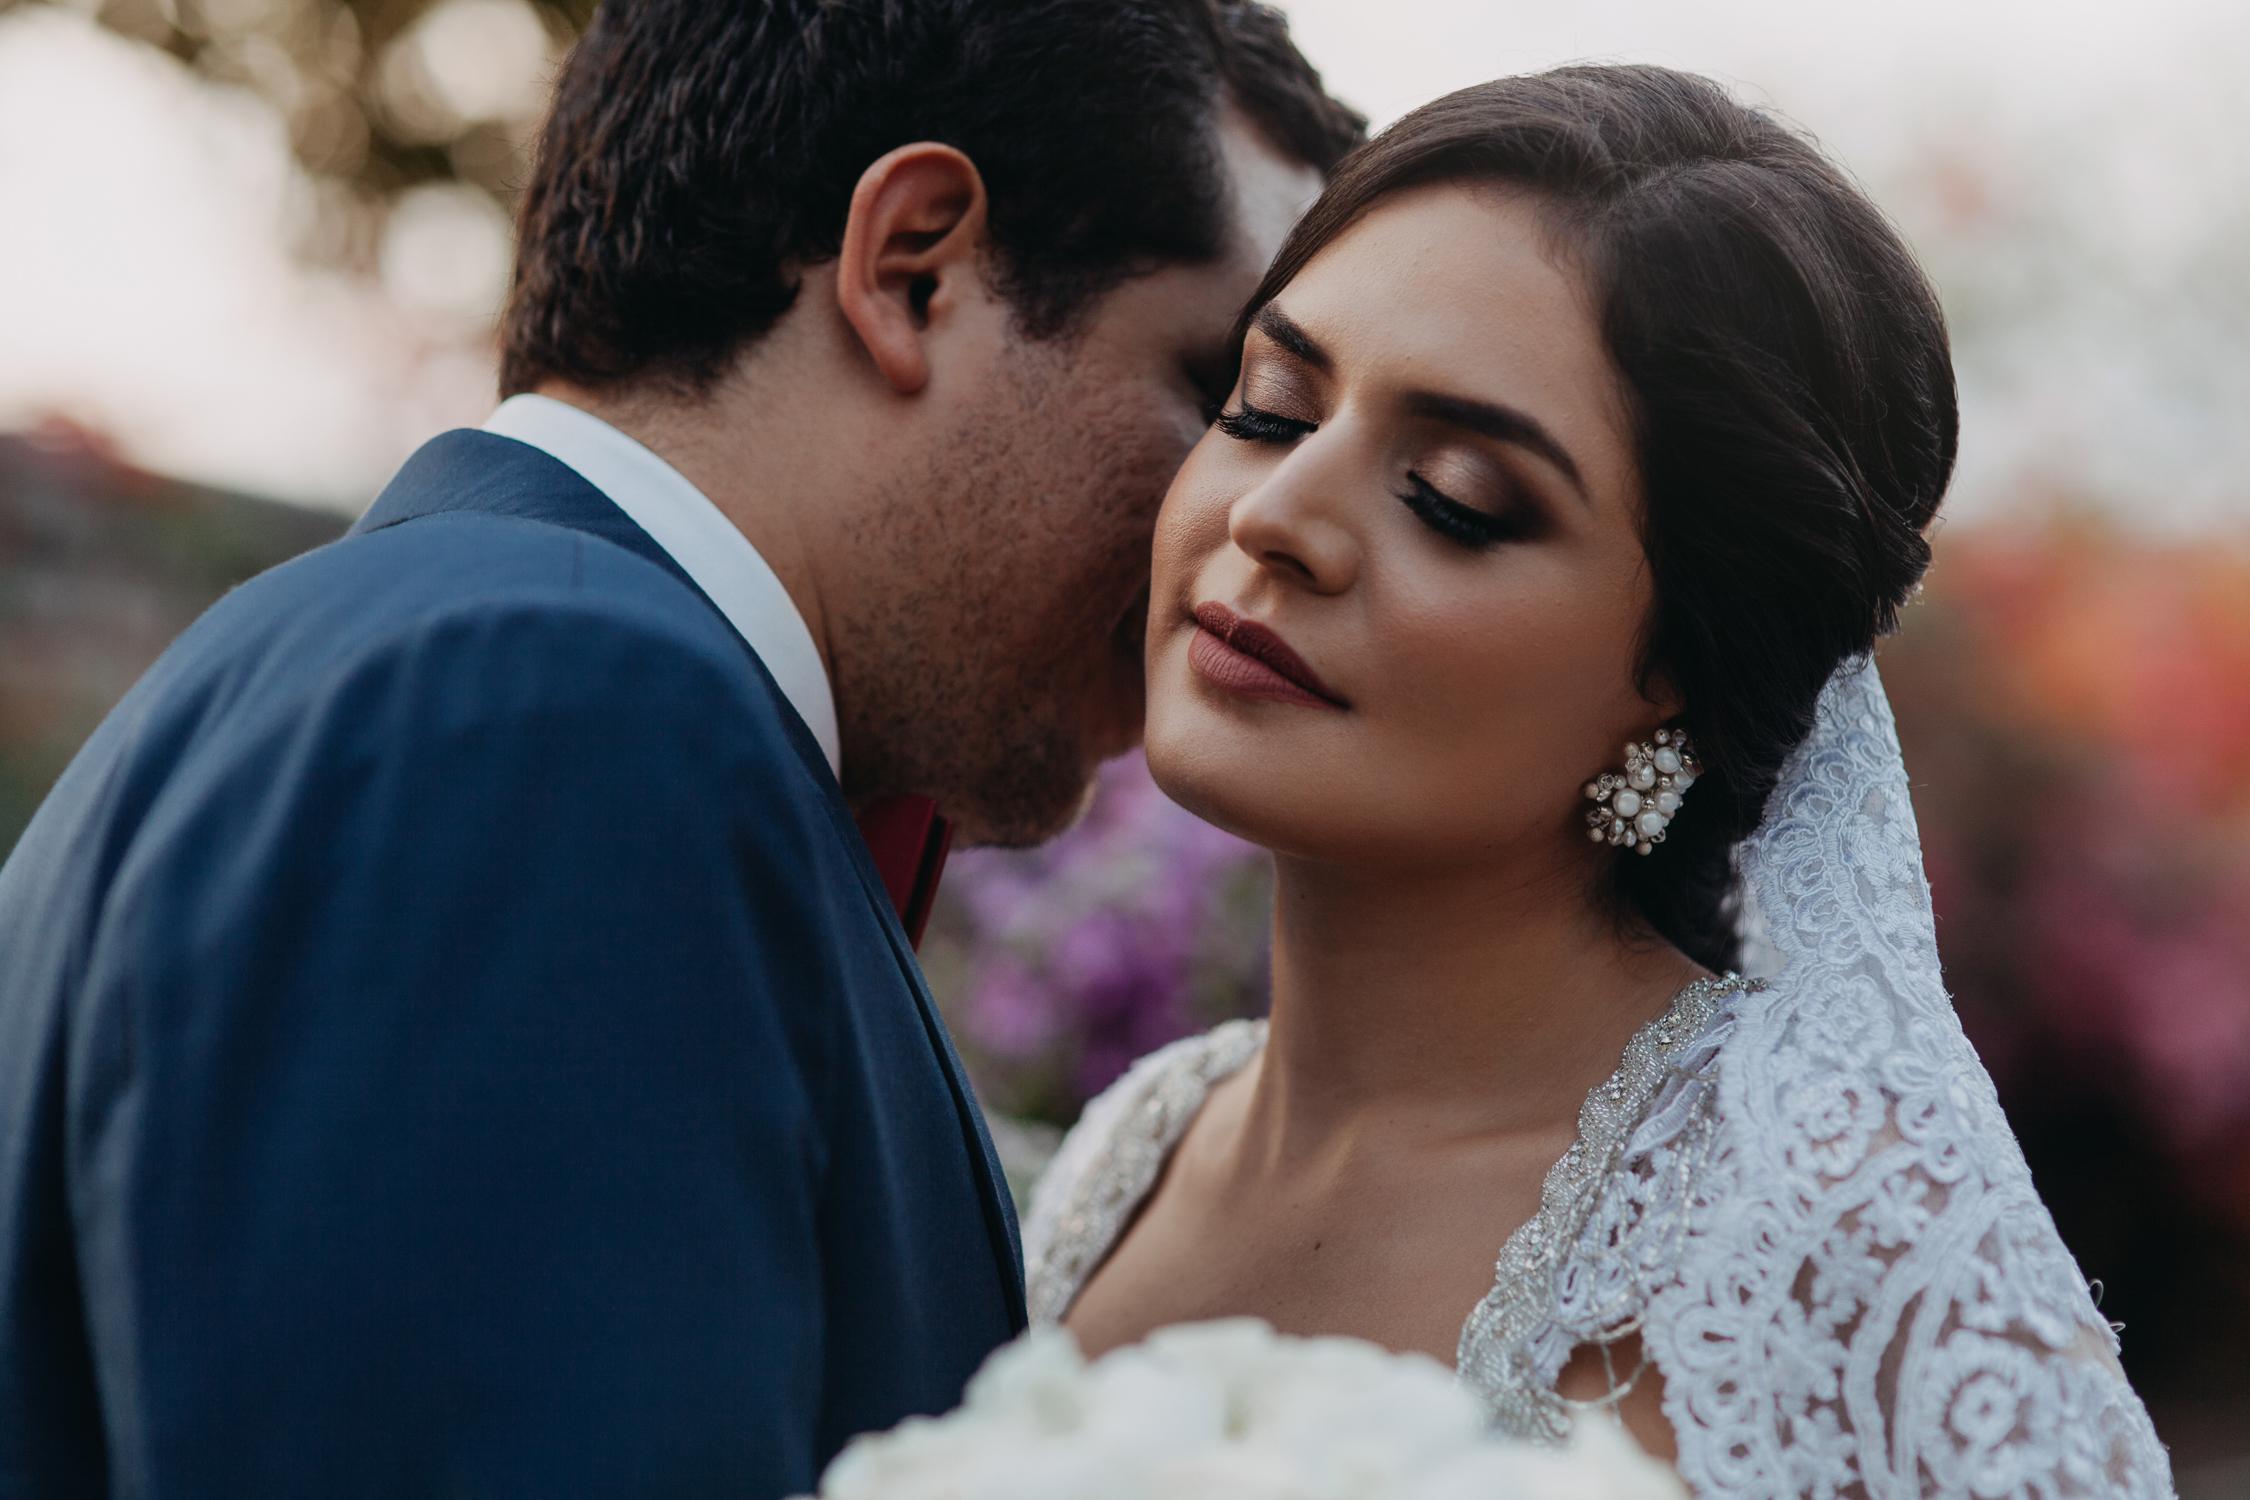 Michelle-Agurto-Fotografia-Bodas-Ecuador-Destination-Wedding-Photographer-Cristi-Luis-103.JPG